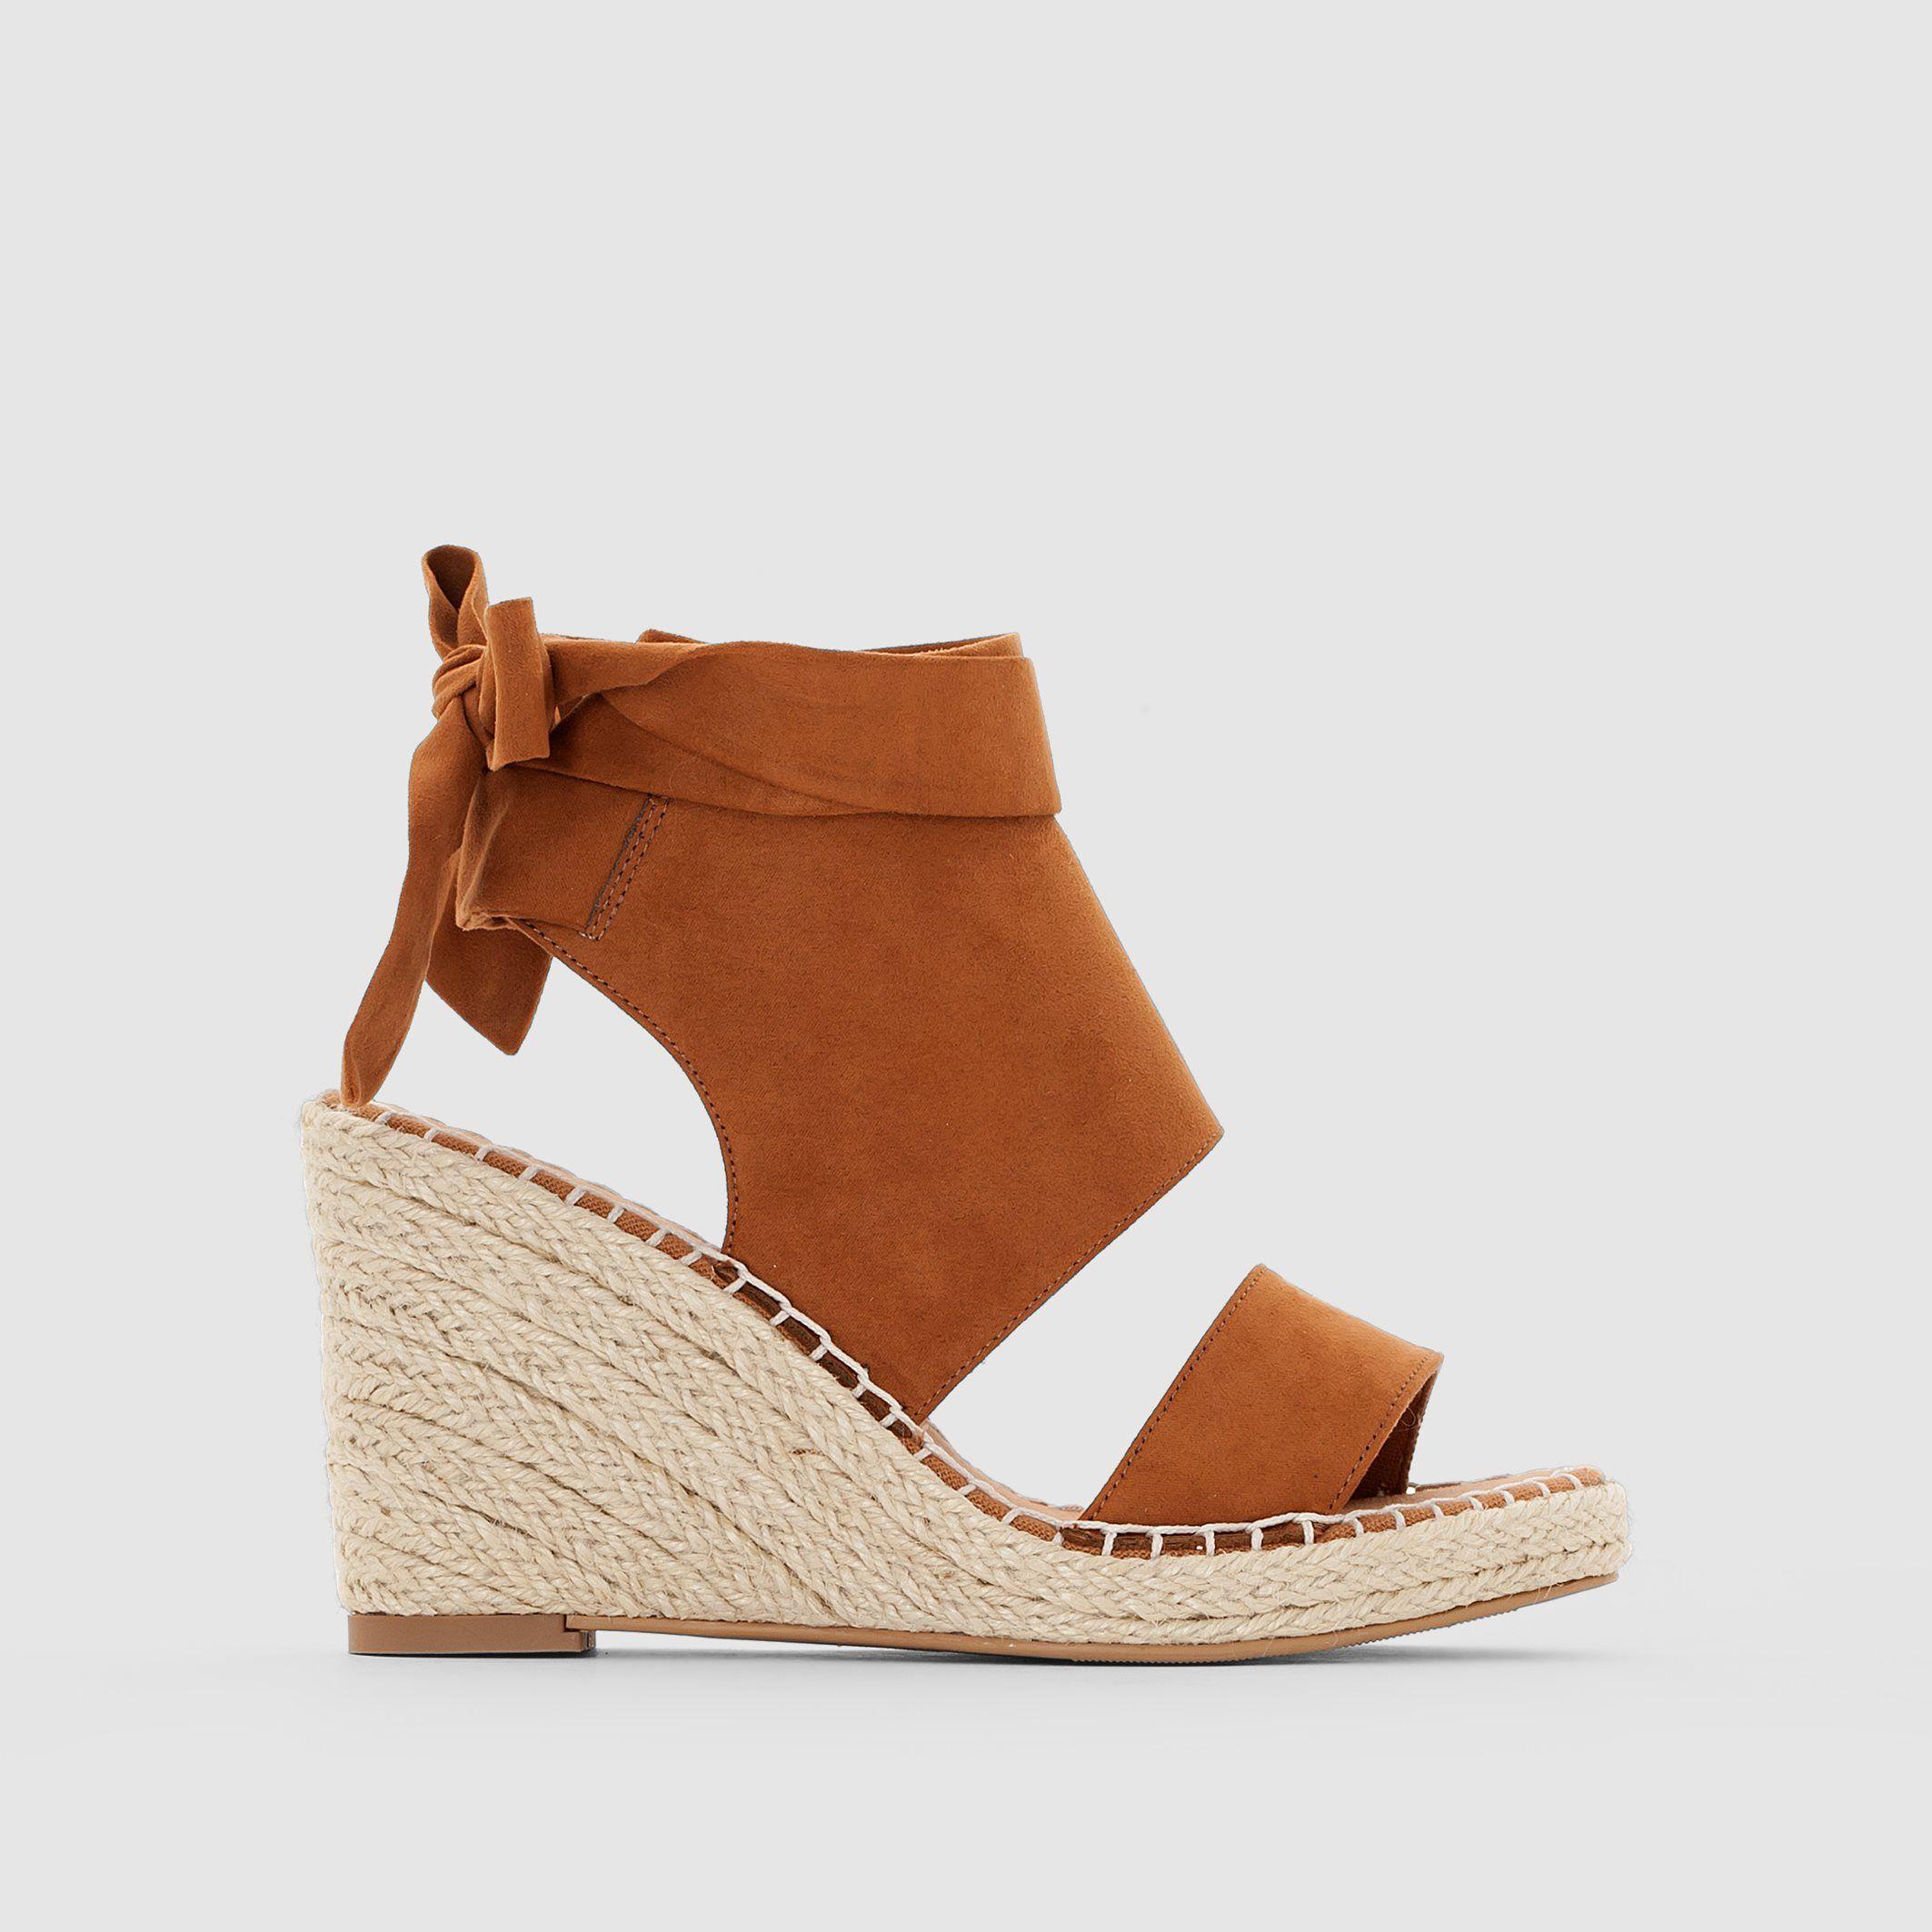 Compre Sandálias Calçado na La Redoute. O melhor da moda online.